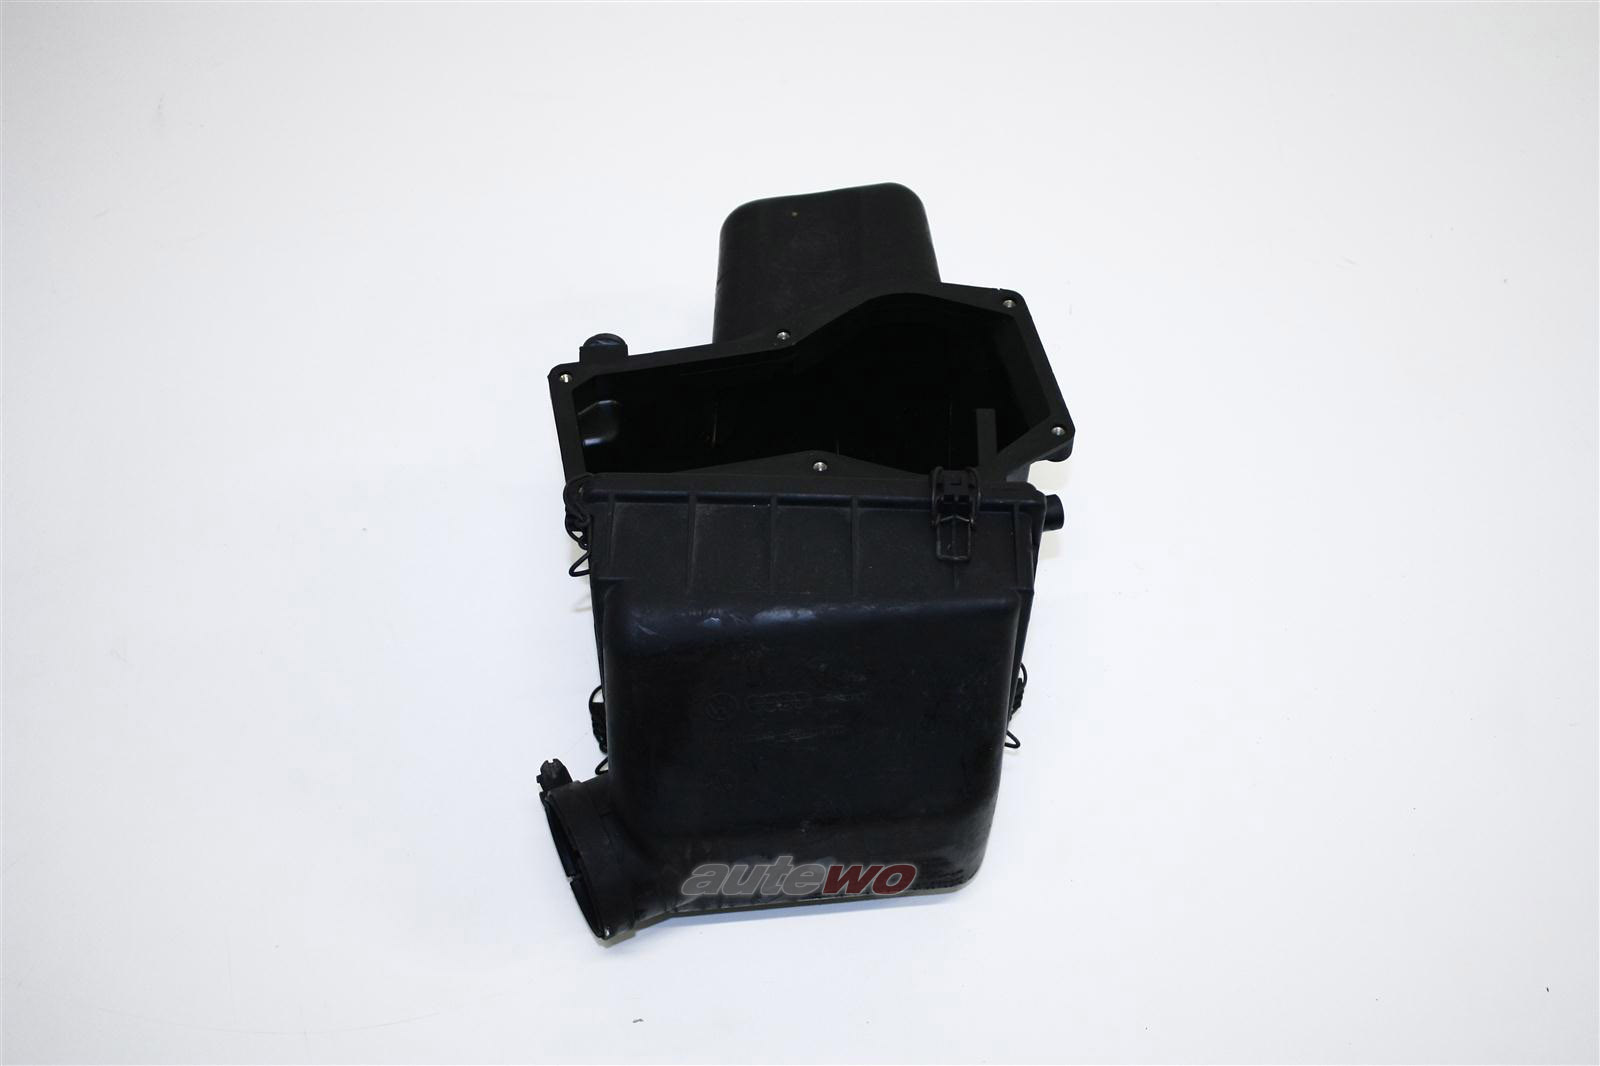 Audi 80/90/Coupe Typ 81/85 2.0-2.2l 115-131PS KE Luftfilter 035133837 035133837